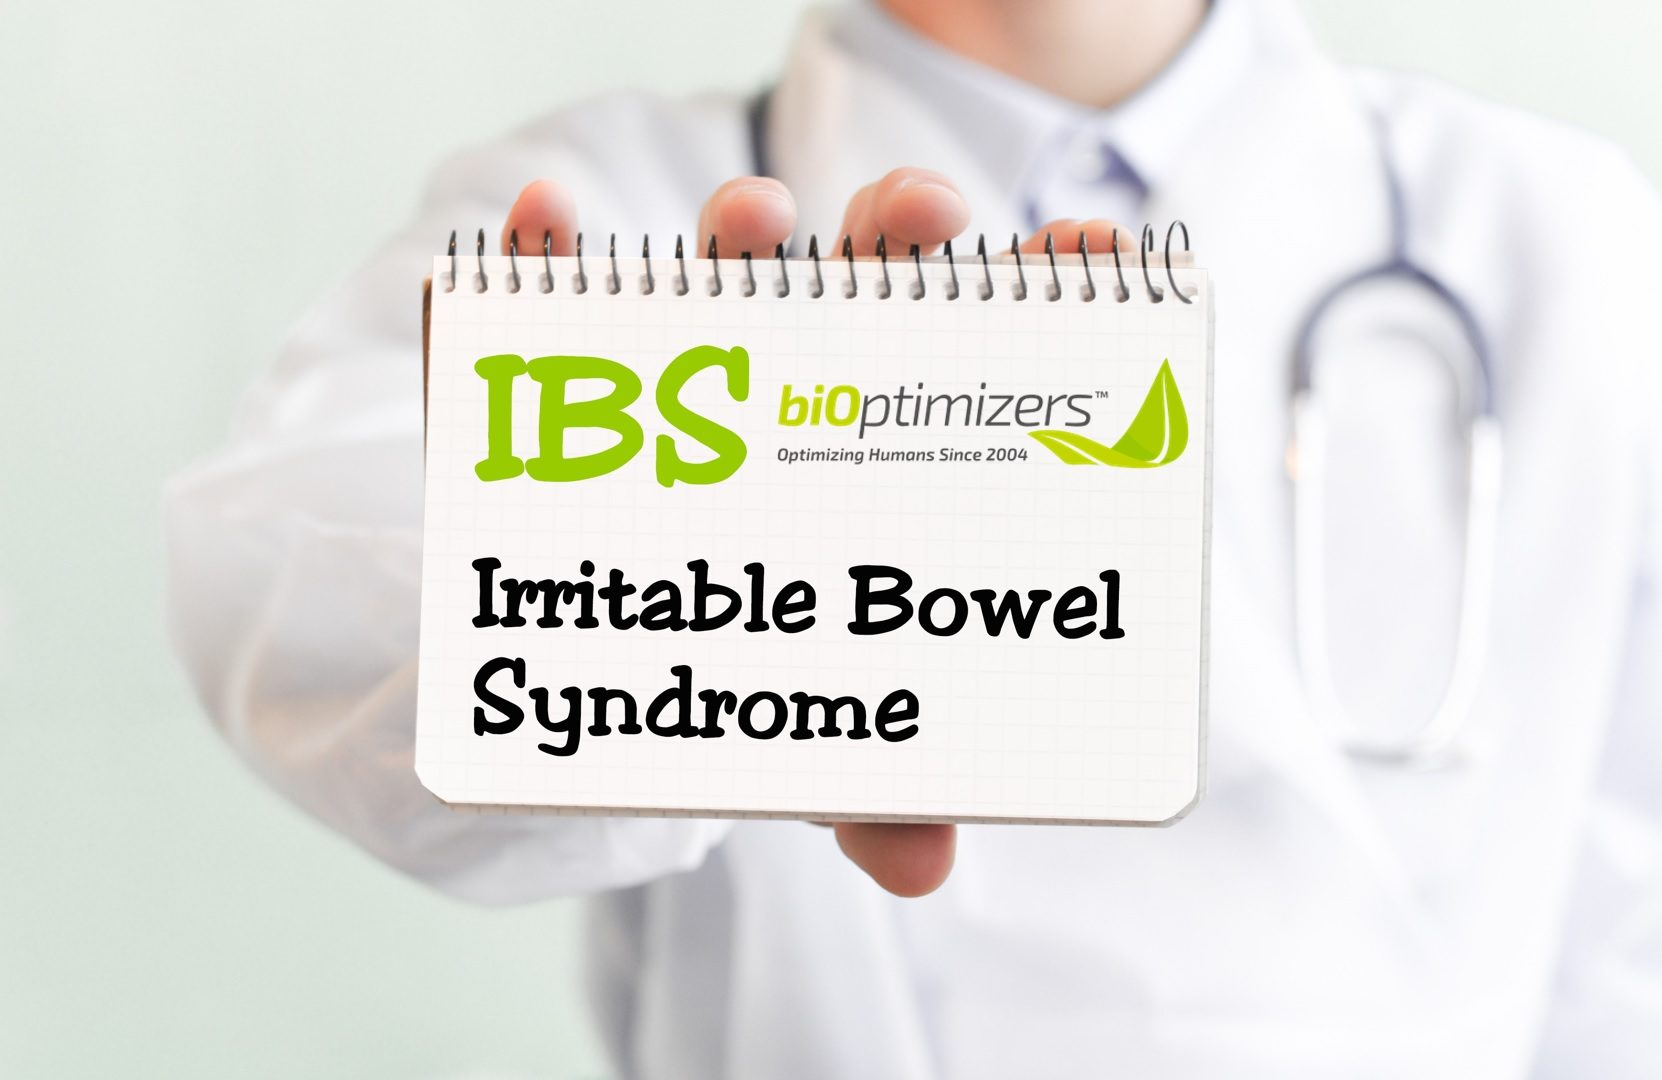 IBS Bioptimizers